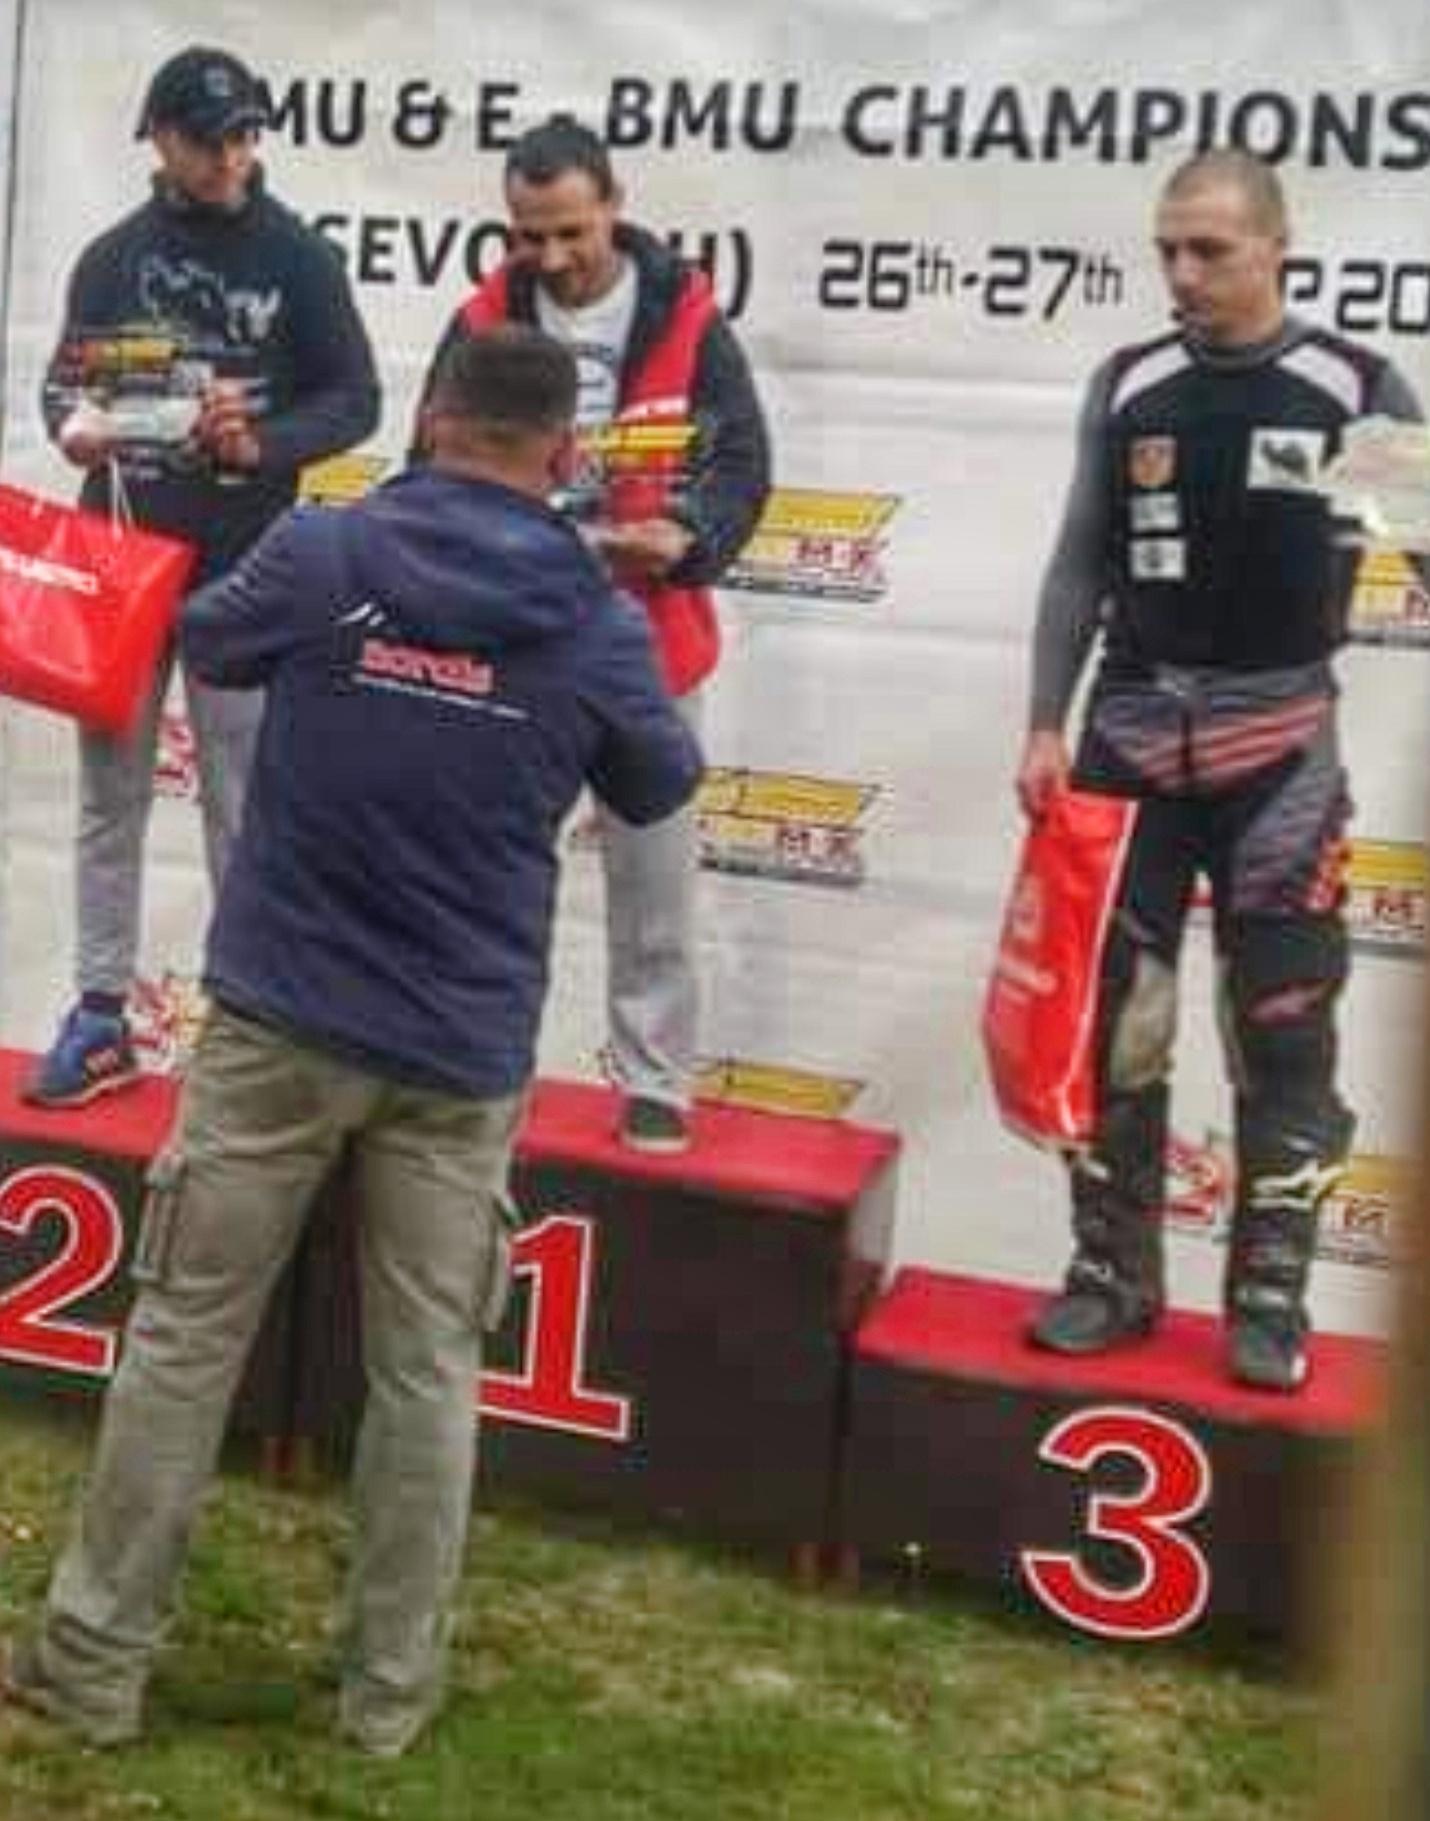 Прва победа за битолскиот мотокросист Зоран Каранфиловски Ќаме на Европскиот Шампионат во Босна и Херцеговина